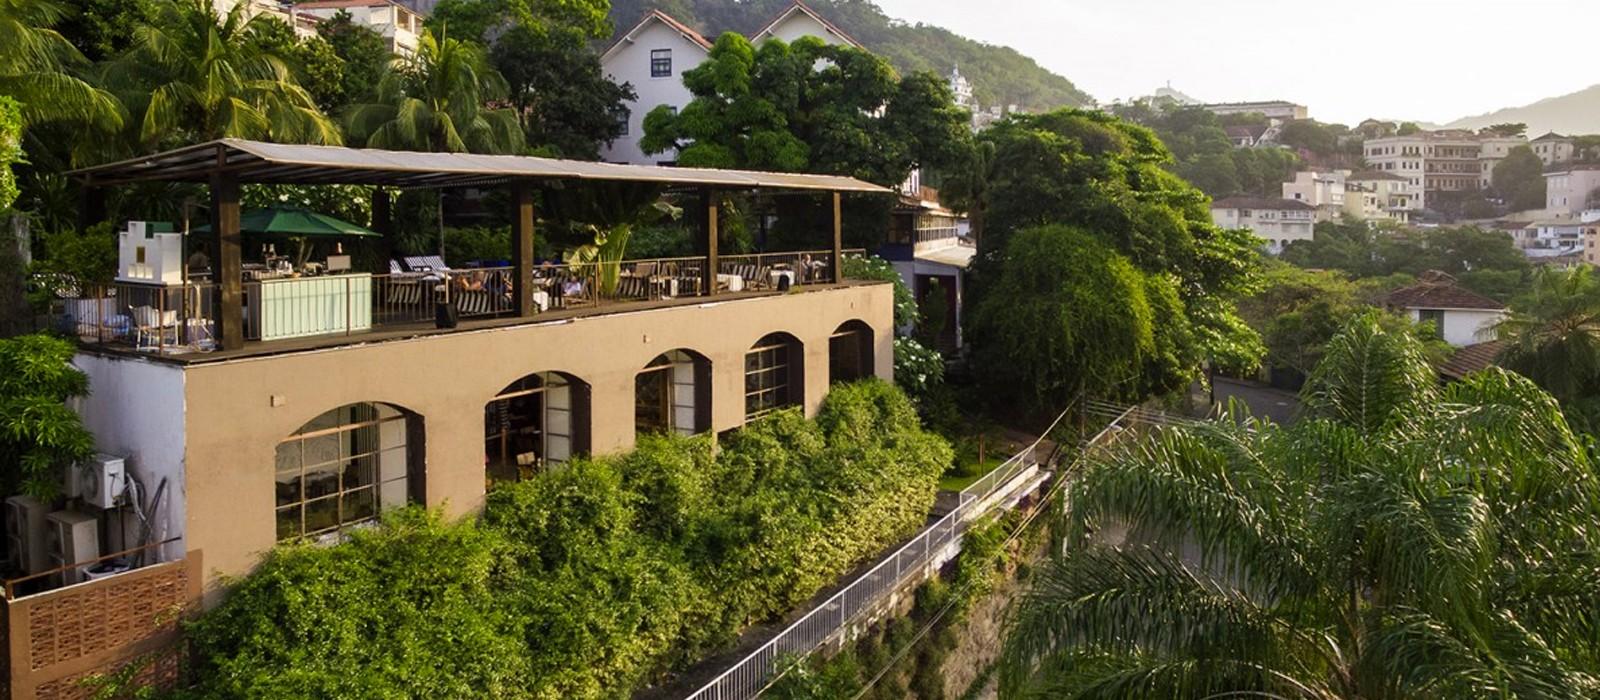 hotel santa teresa pure destinations pure destinations. Black Bedroom Furniture Sets. Home Design Ideas